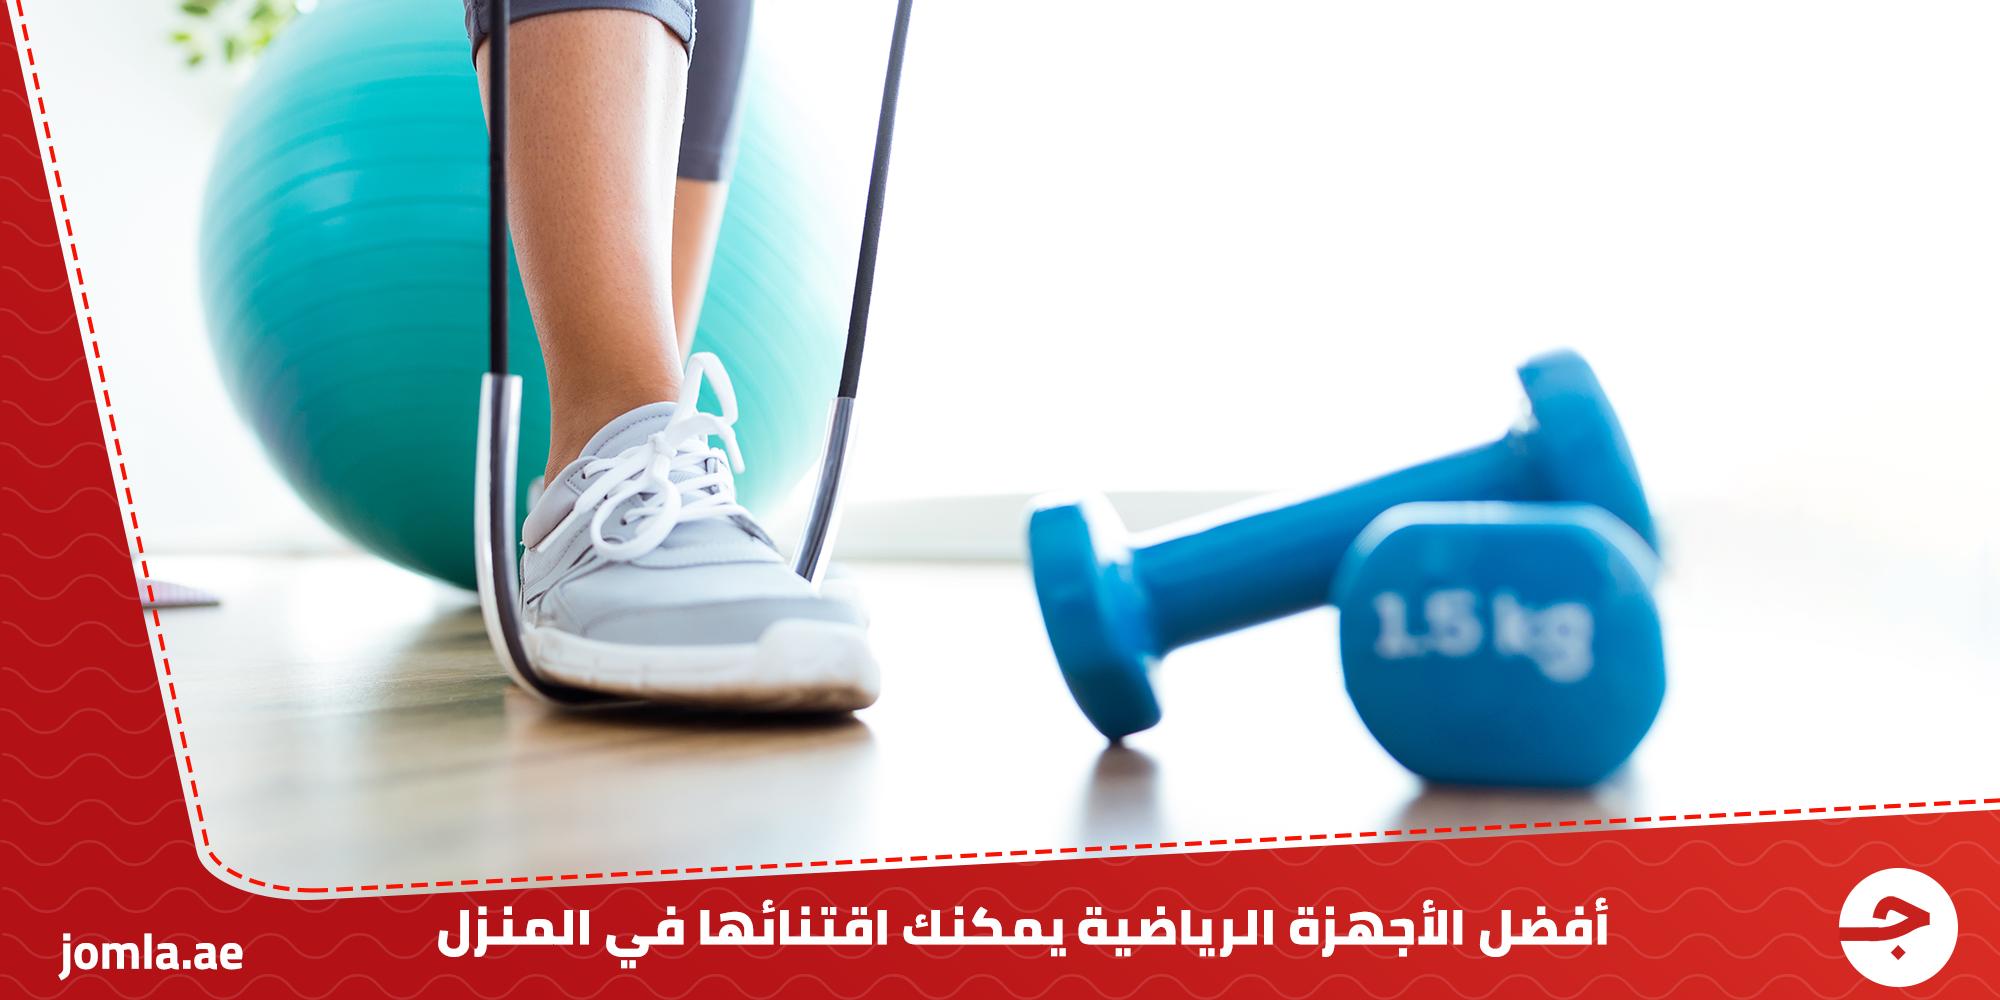 أفضل الأجهزة الرياضية يمكنك اقتنائها في المنزل - عيش الحياة بطريقة صحية